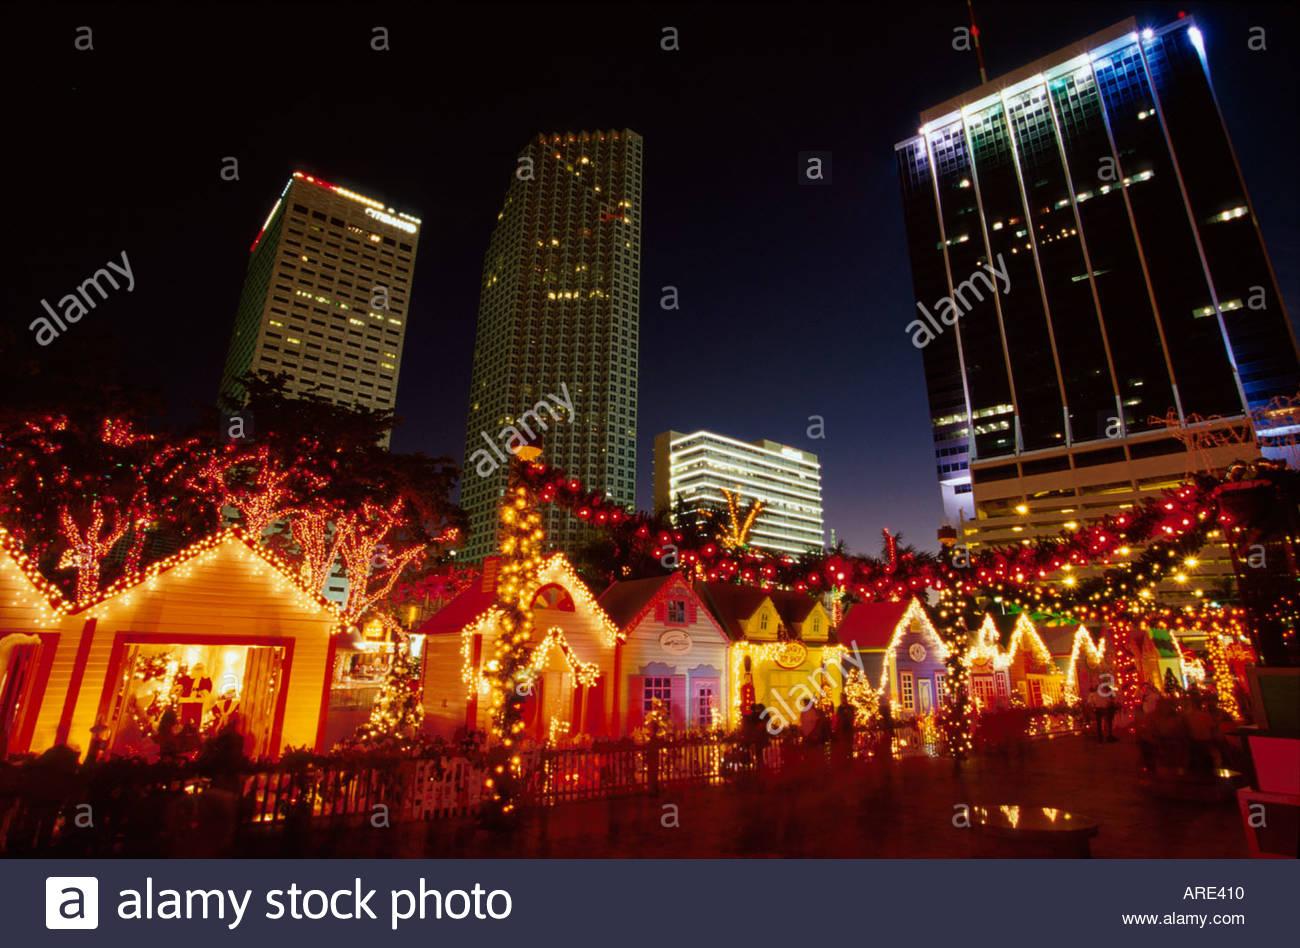 Miami Florida Holiday Village Christmas lighting display city ...